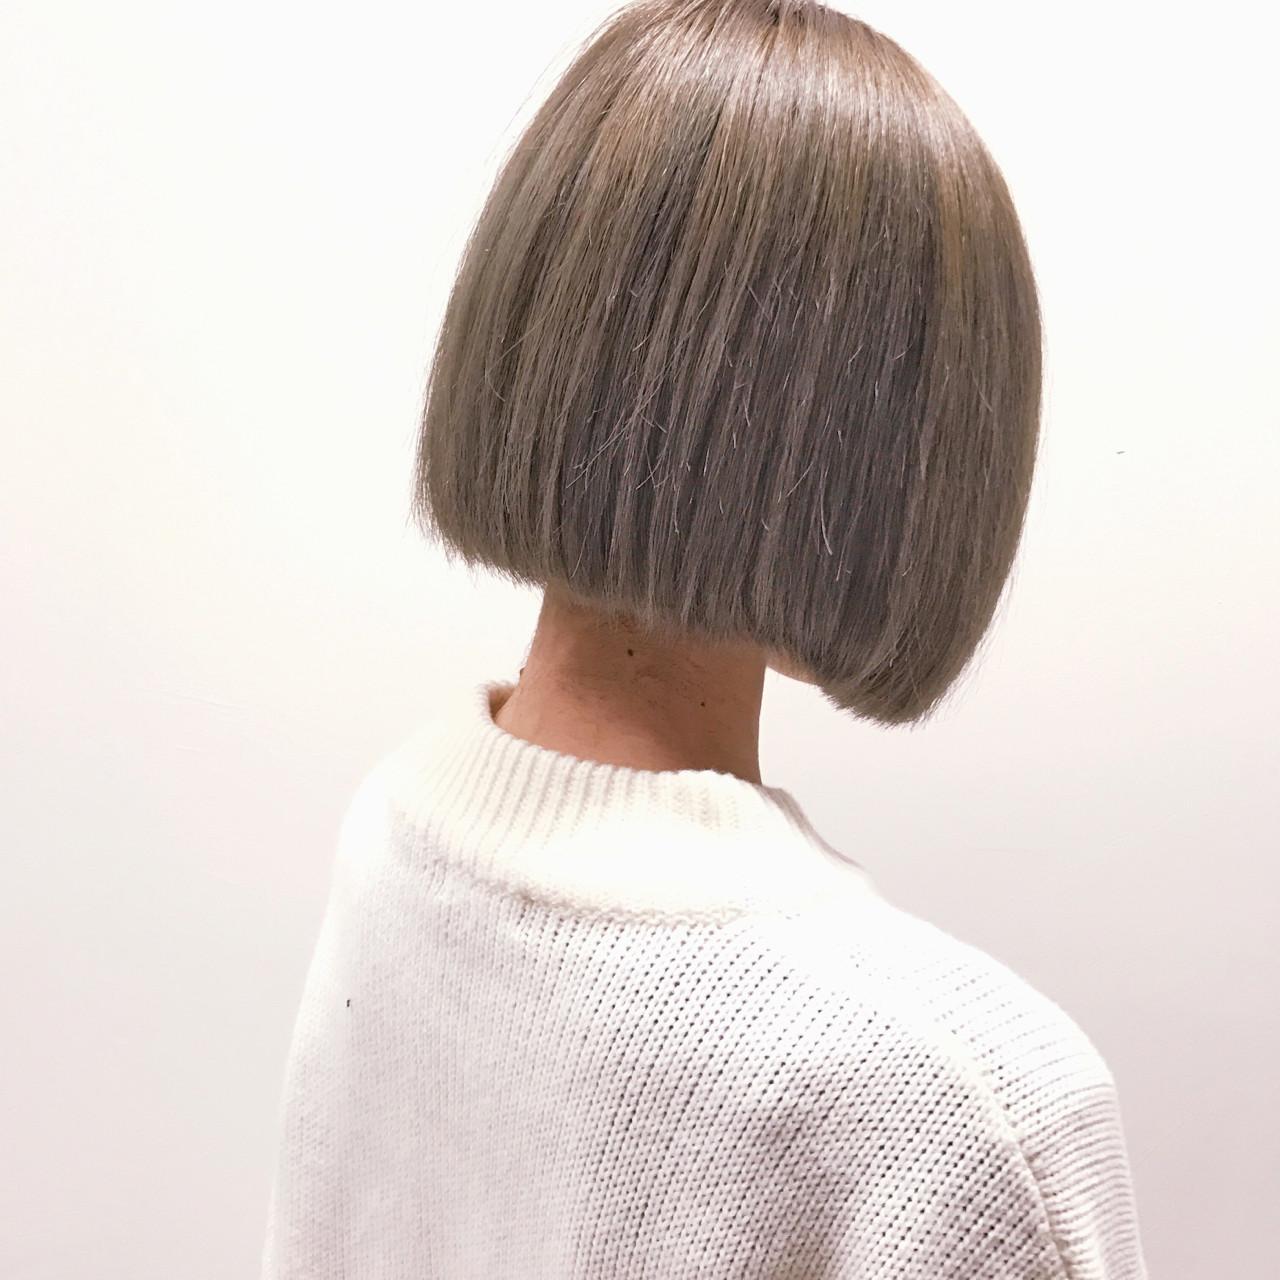 ボブ ハイトーン アッシュ ガーリー ヘアスタイルや髪型の写真・画像